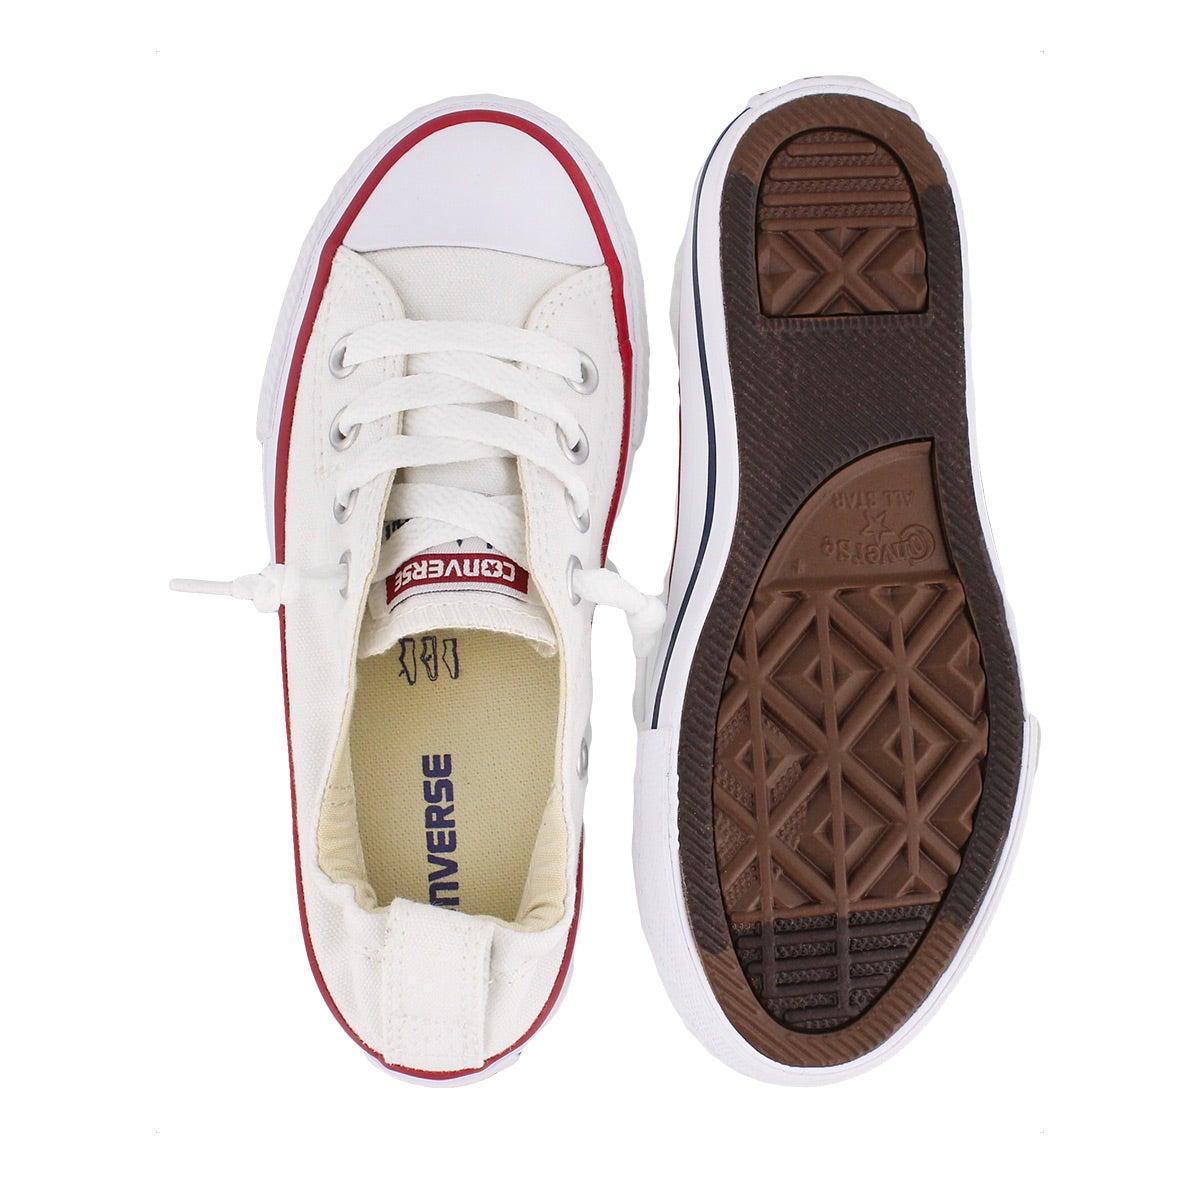 Grls Shoreline white sneaker